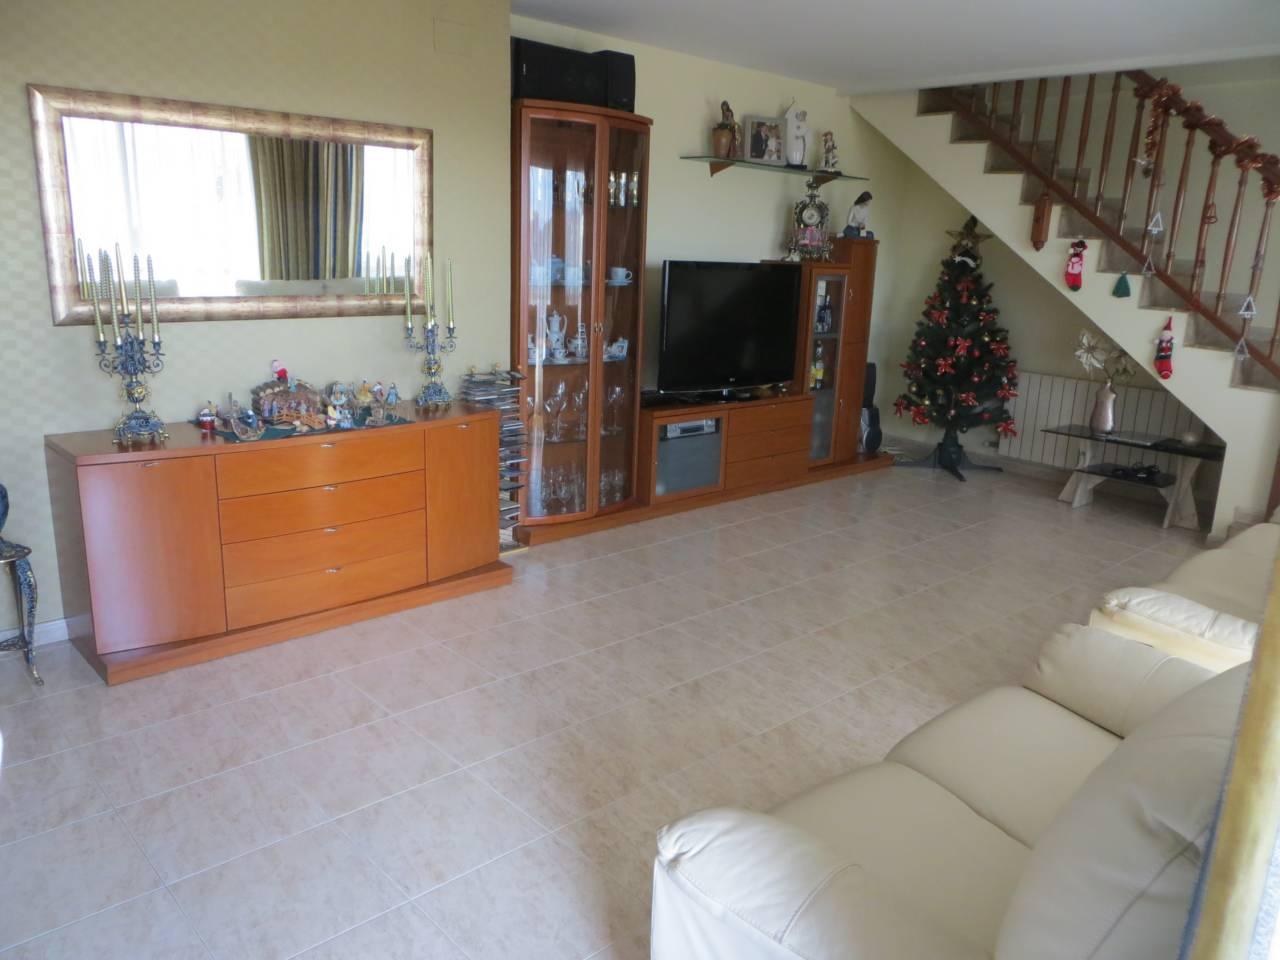 Piso  Can rosés. Seminuevo de 4 habitaciones ( 1 suite,  2 dobles,  1 ind.),  2 b